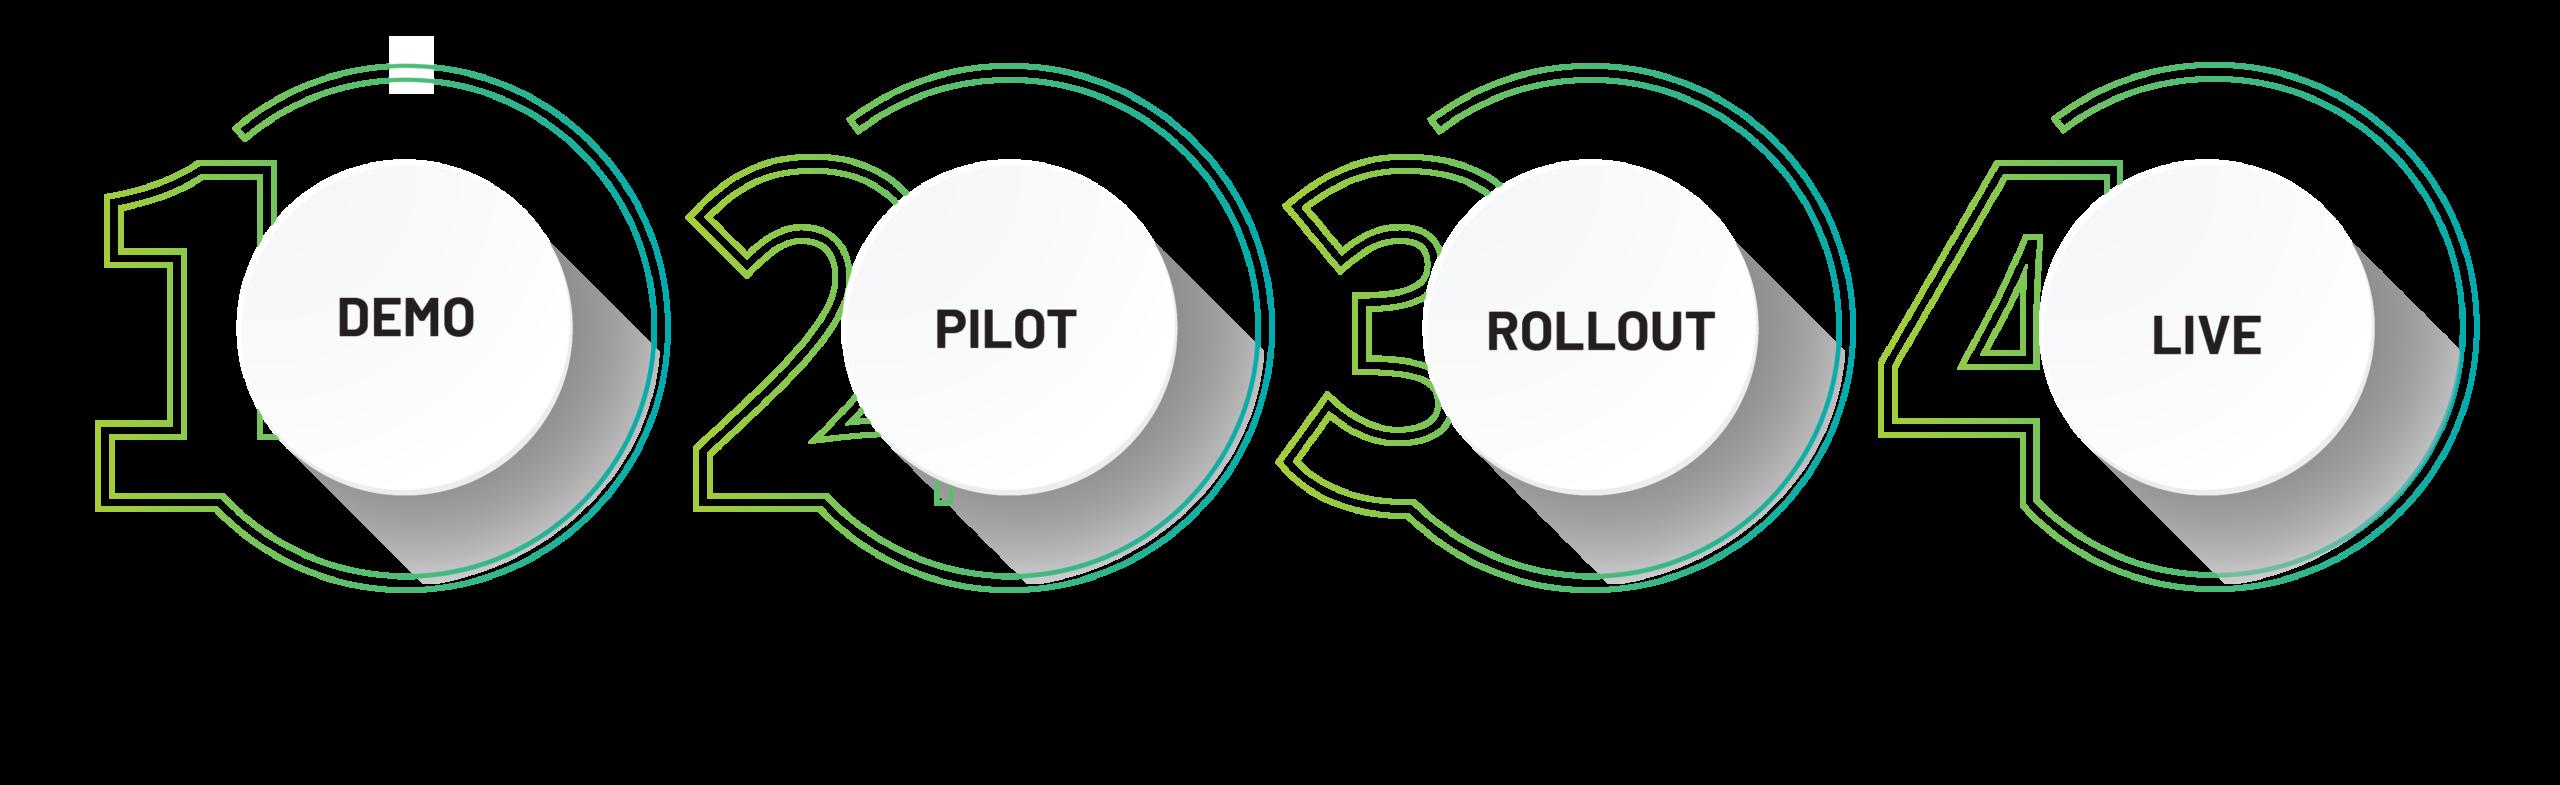 Diagram-001-04